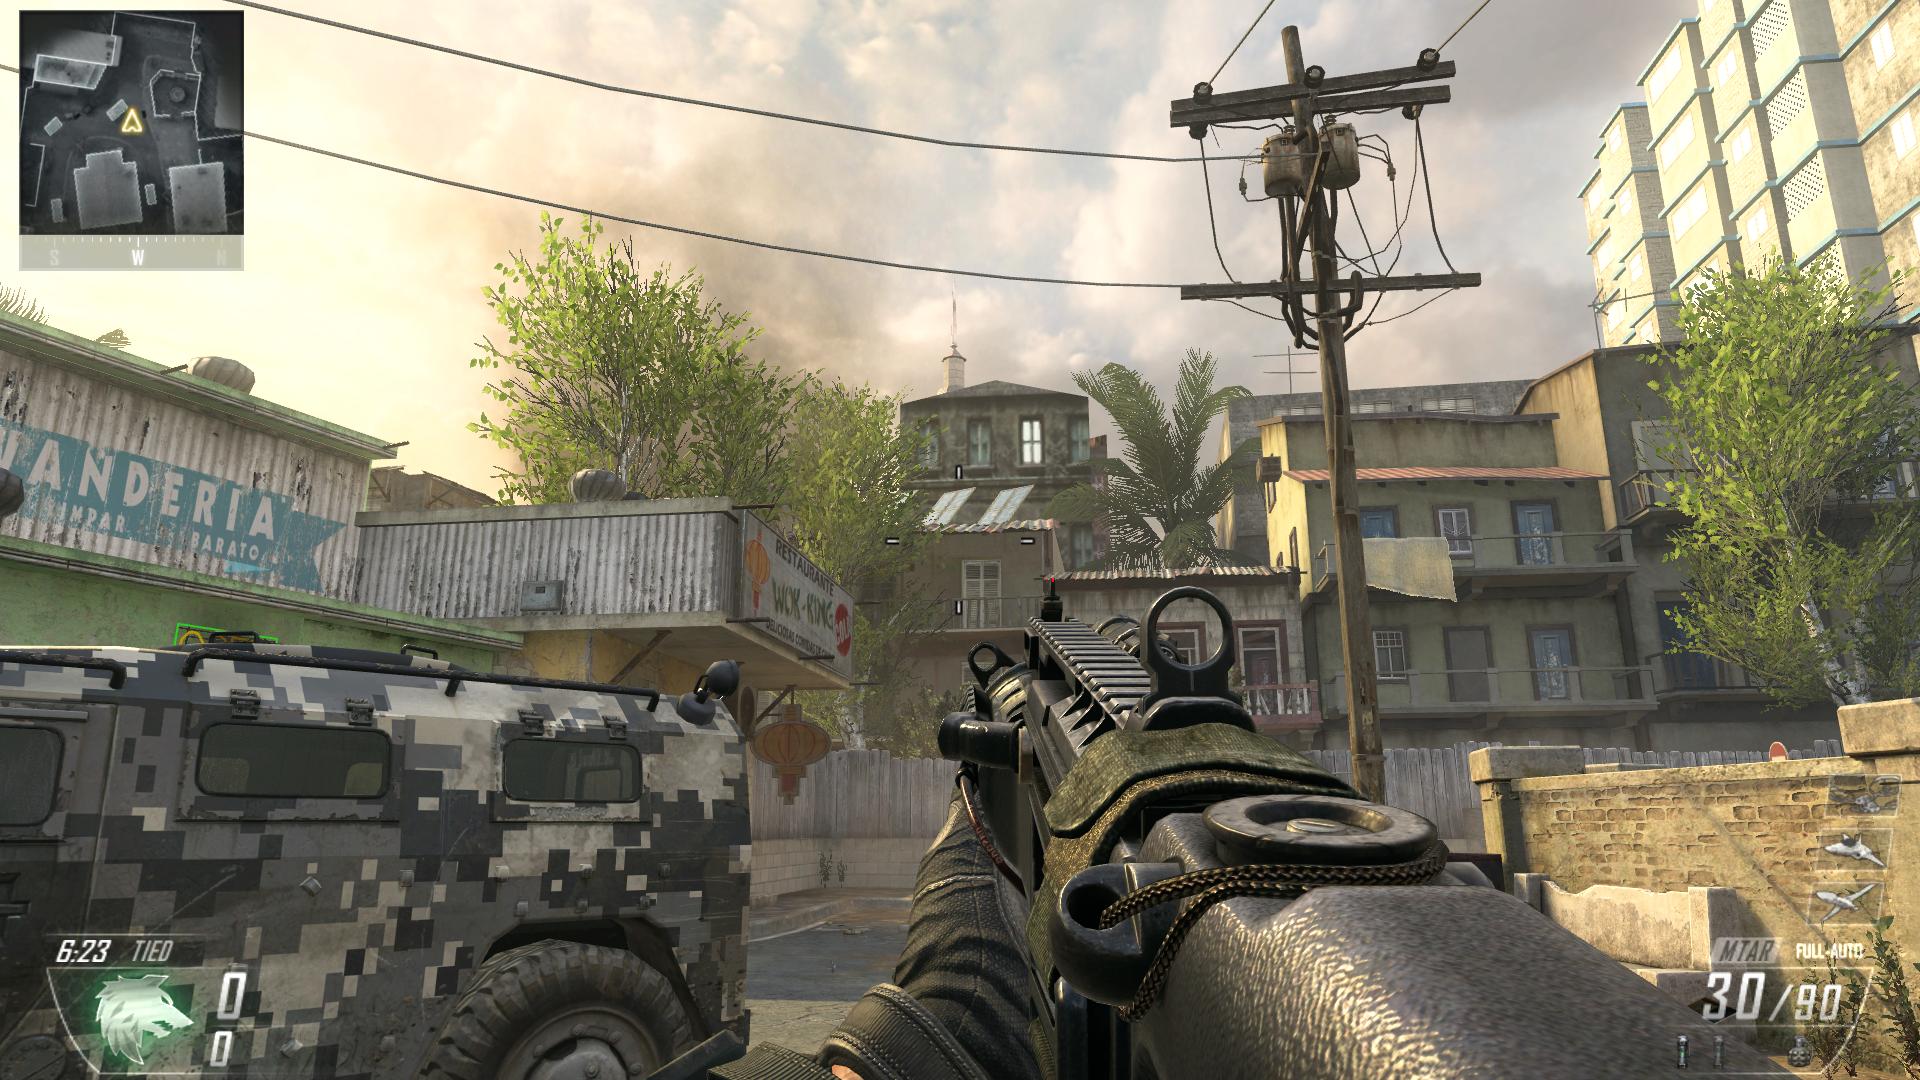 Call of Duty Black Ops II Tweak Guide